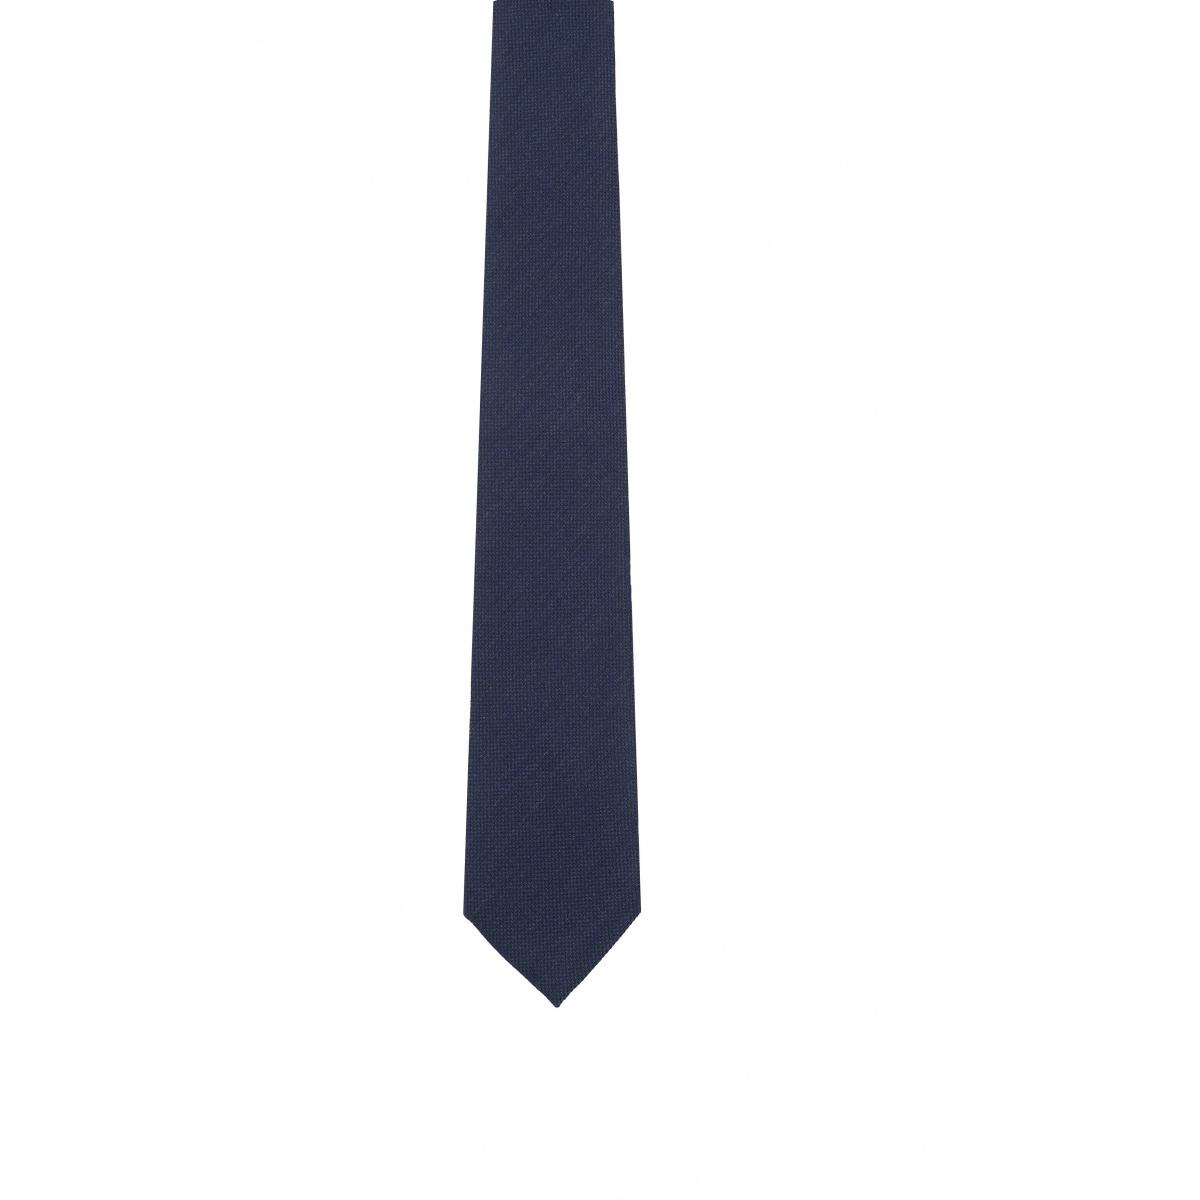 Cravate bleu marine fabriqu e la main en italie 70 - Couleur marine fonce ...